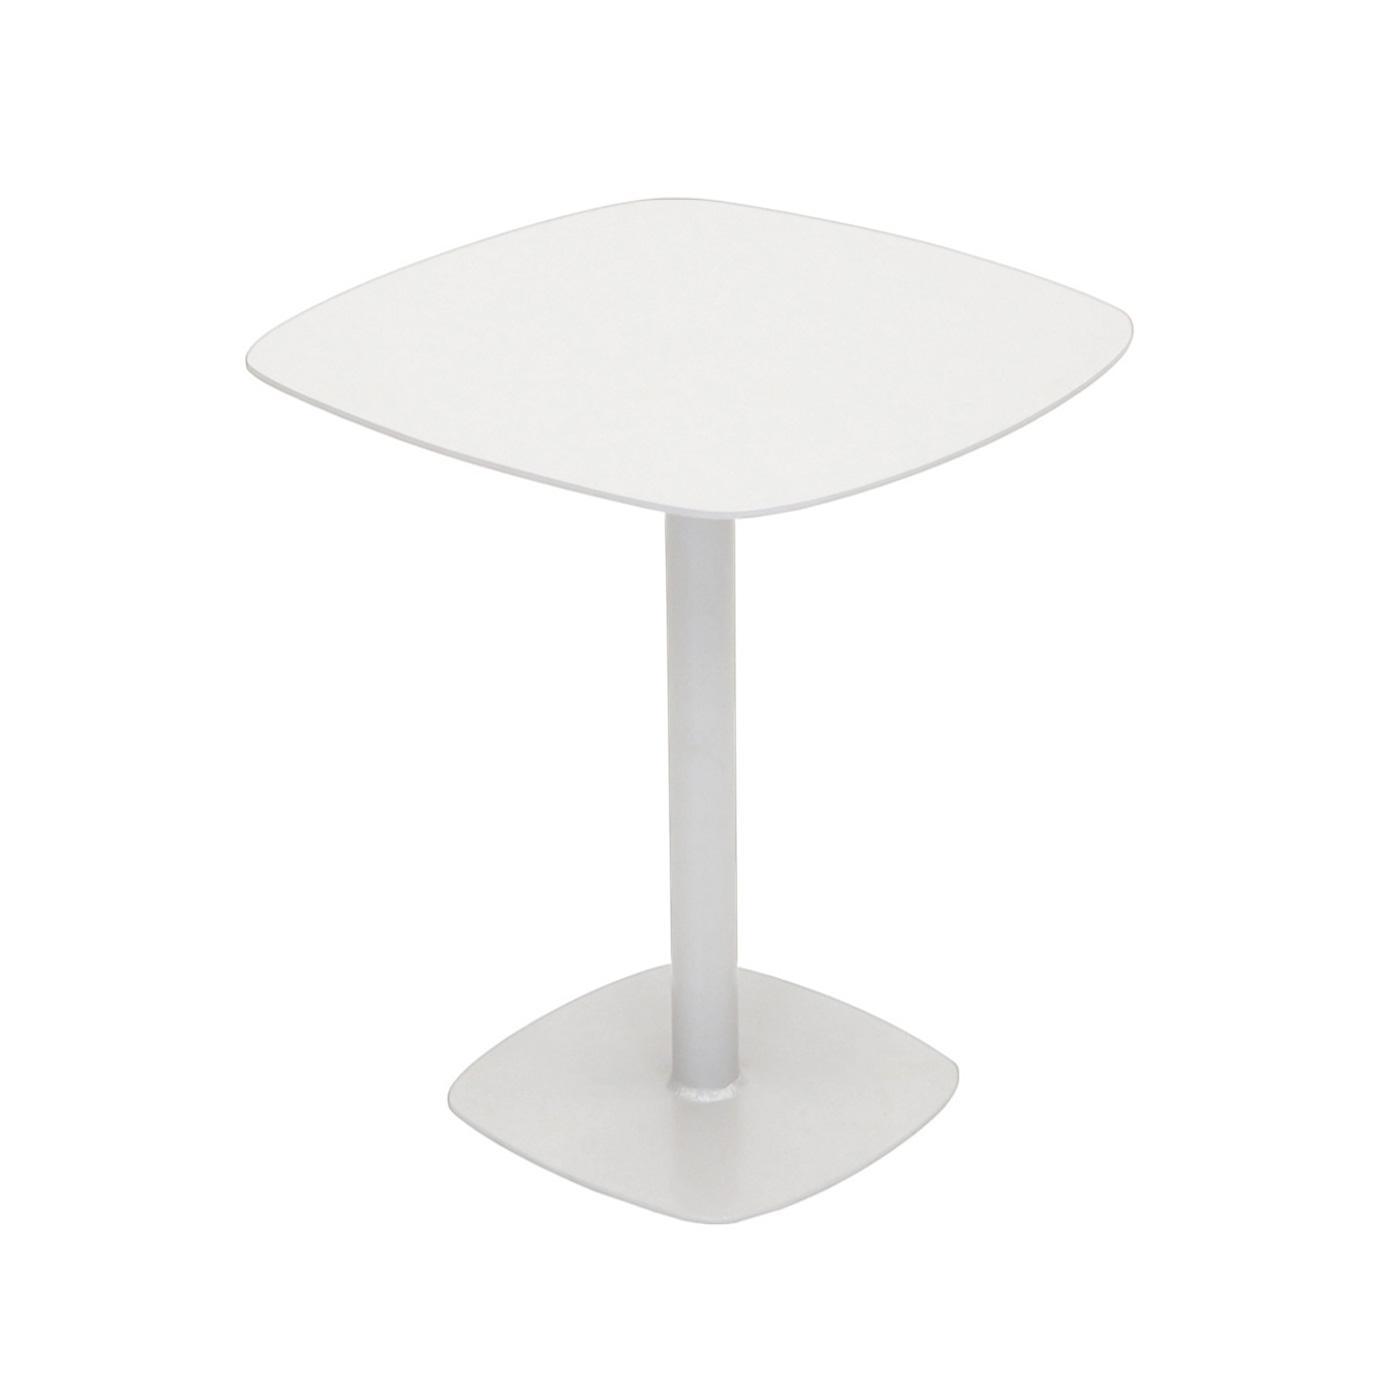 hybrid-side-table-white